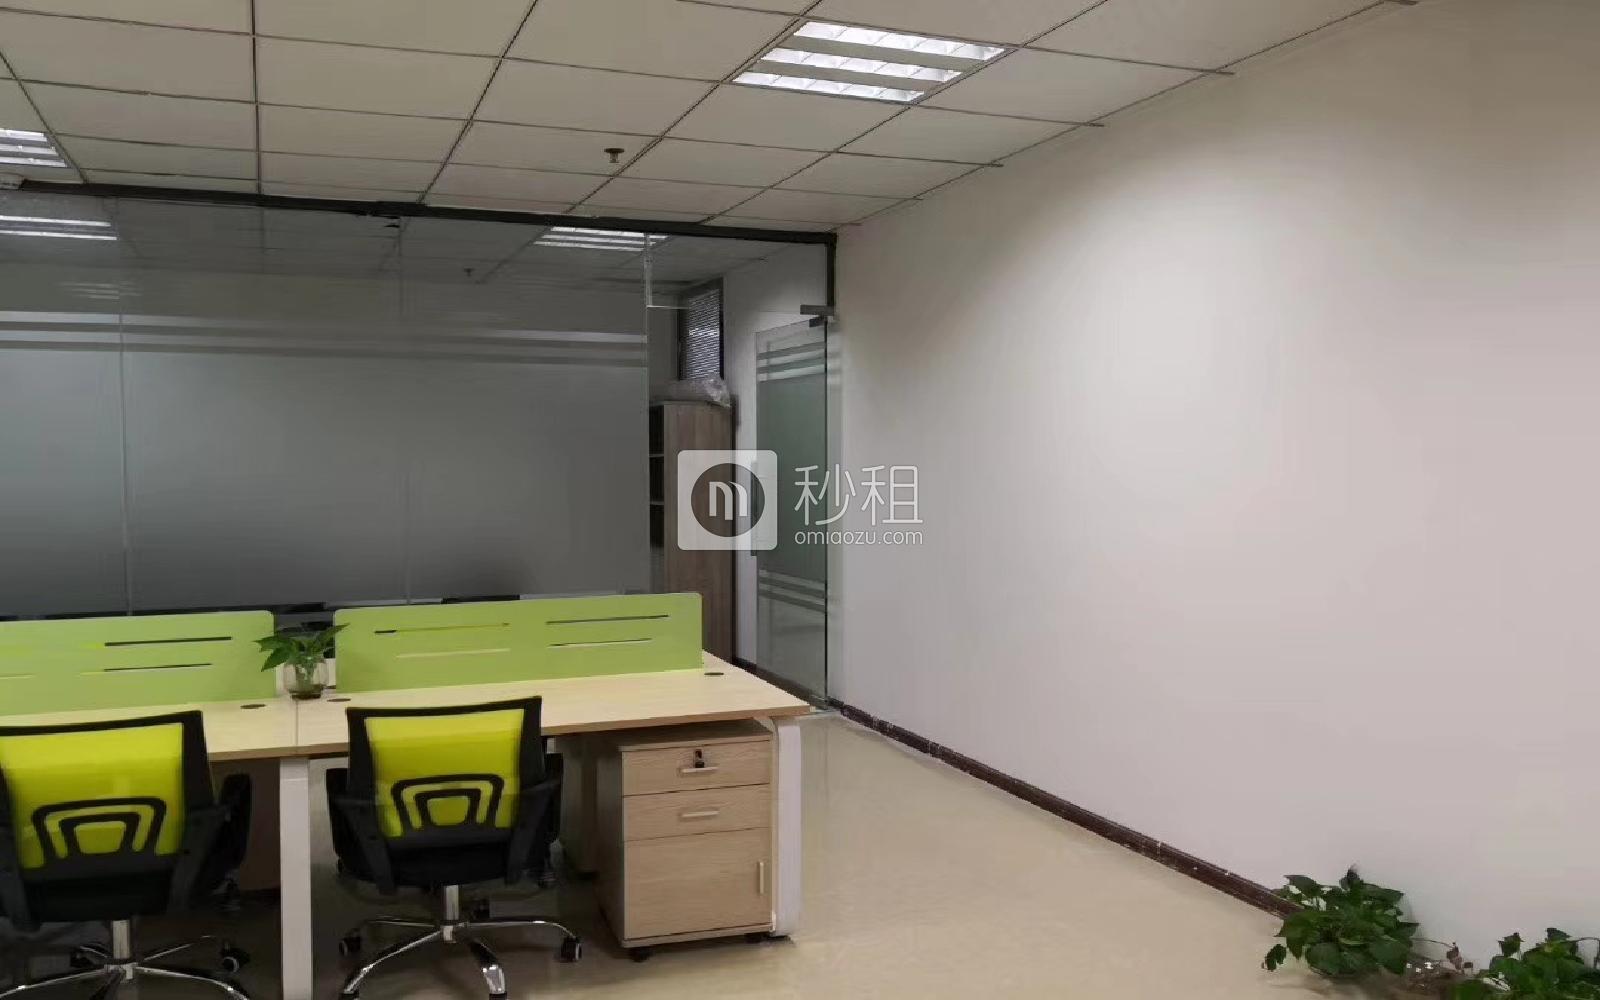 航盛科技大厦 写字楼出租109平米精装办公室10000元/间.月